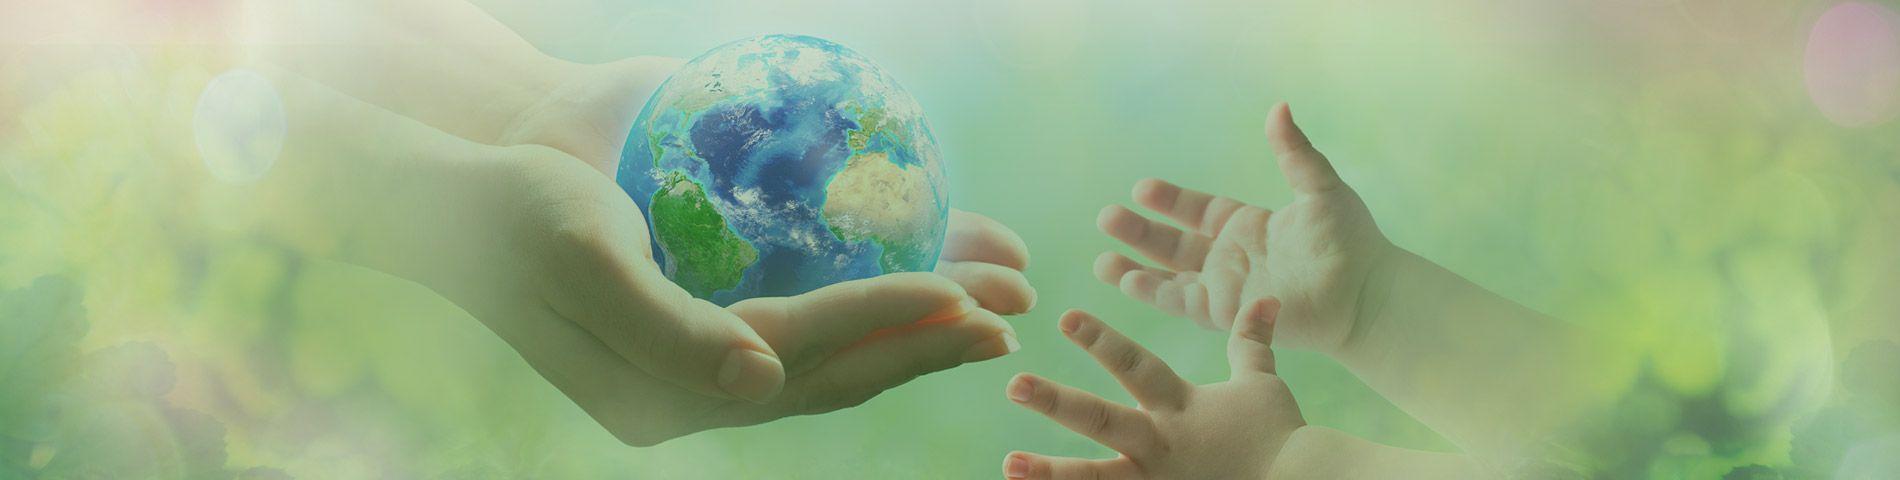 솔루션 환경과 미래